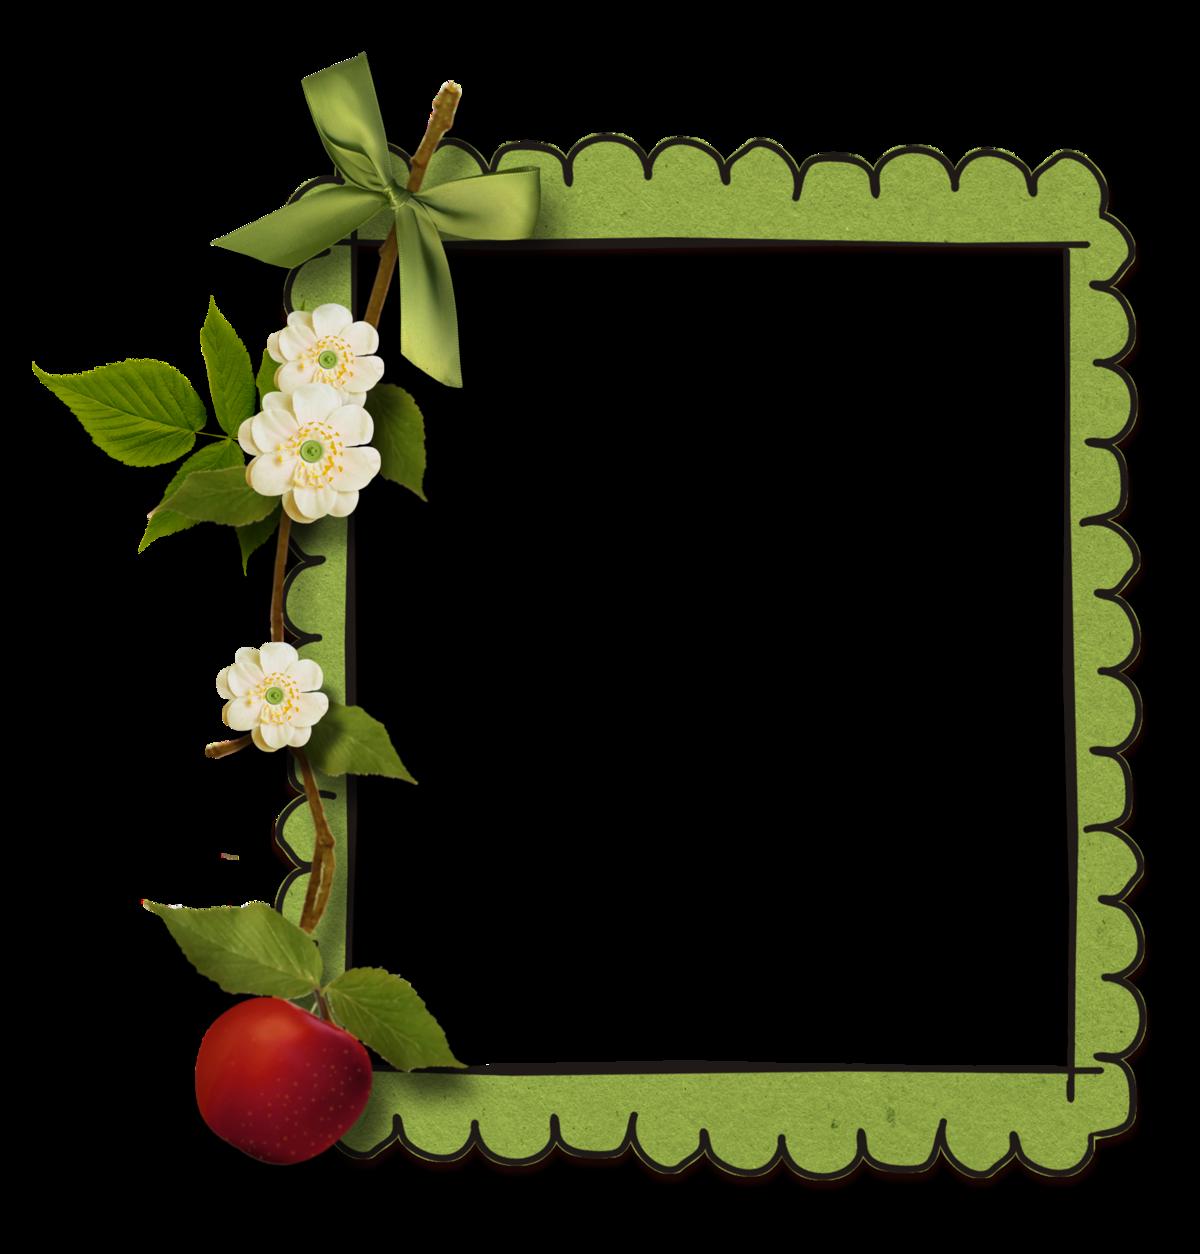 виды штор виньетка с яблочными вырезами для фото любом случае